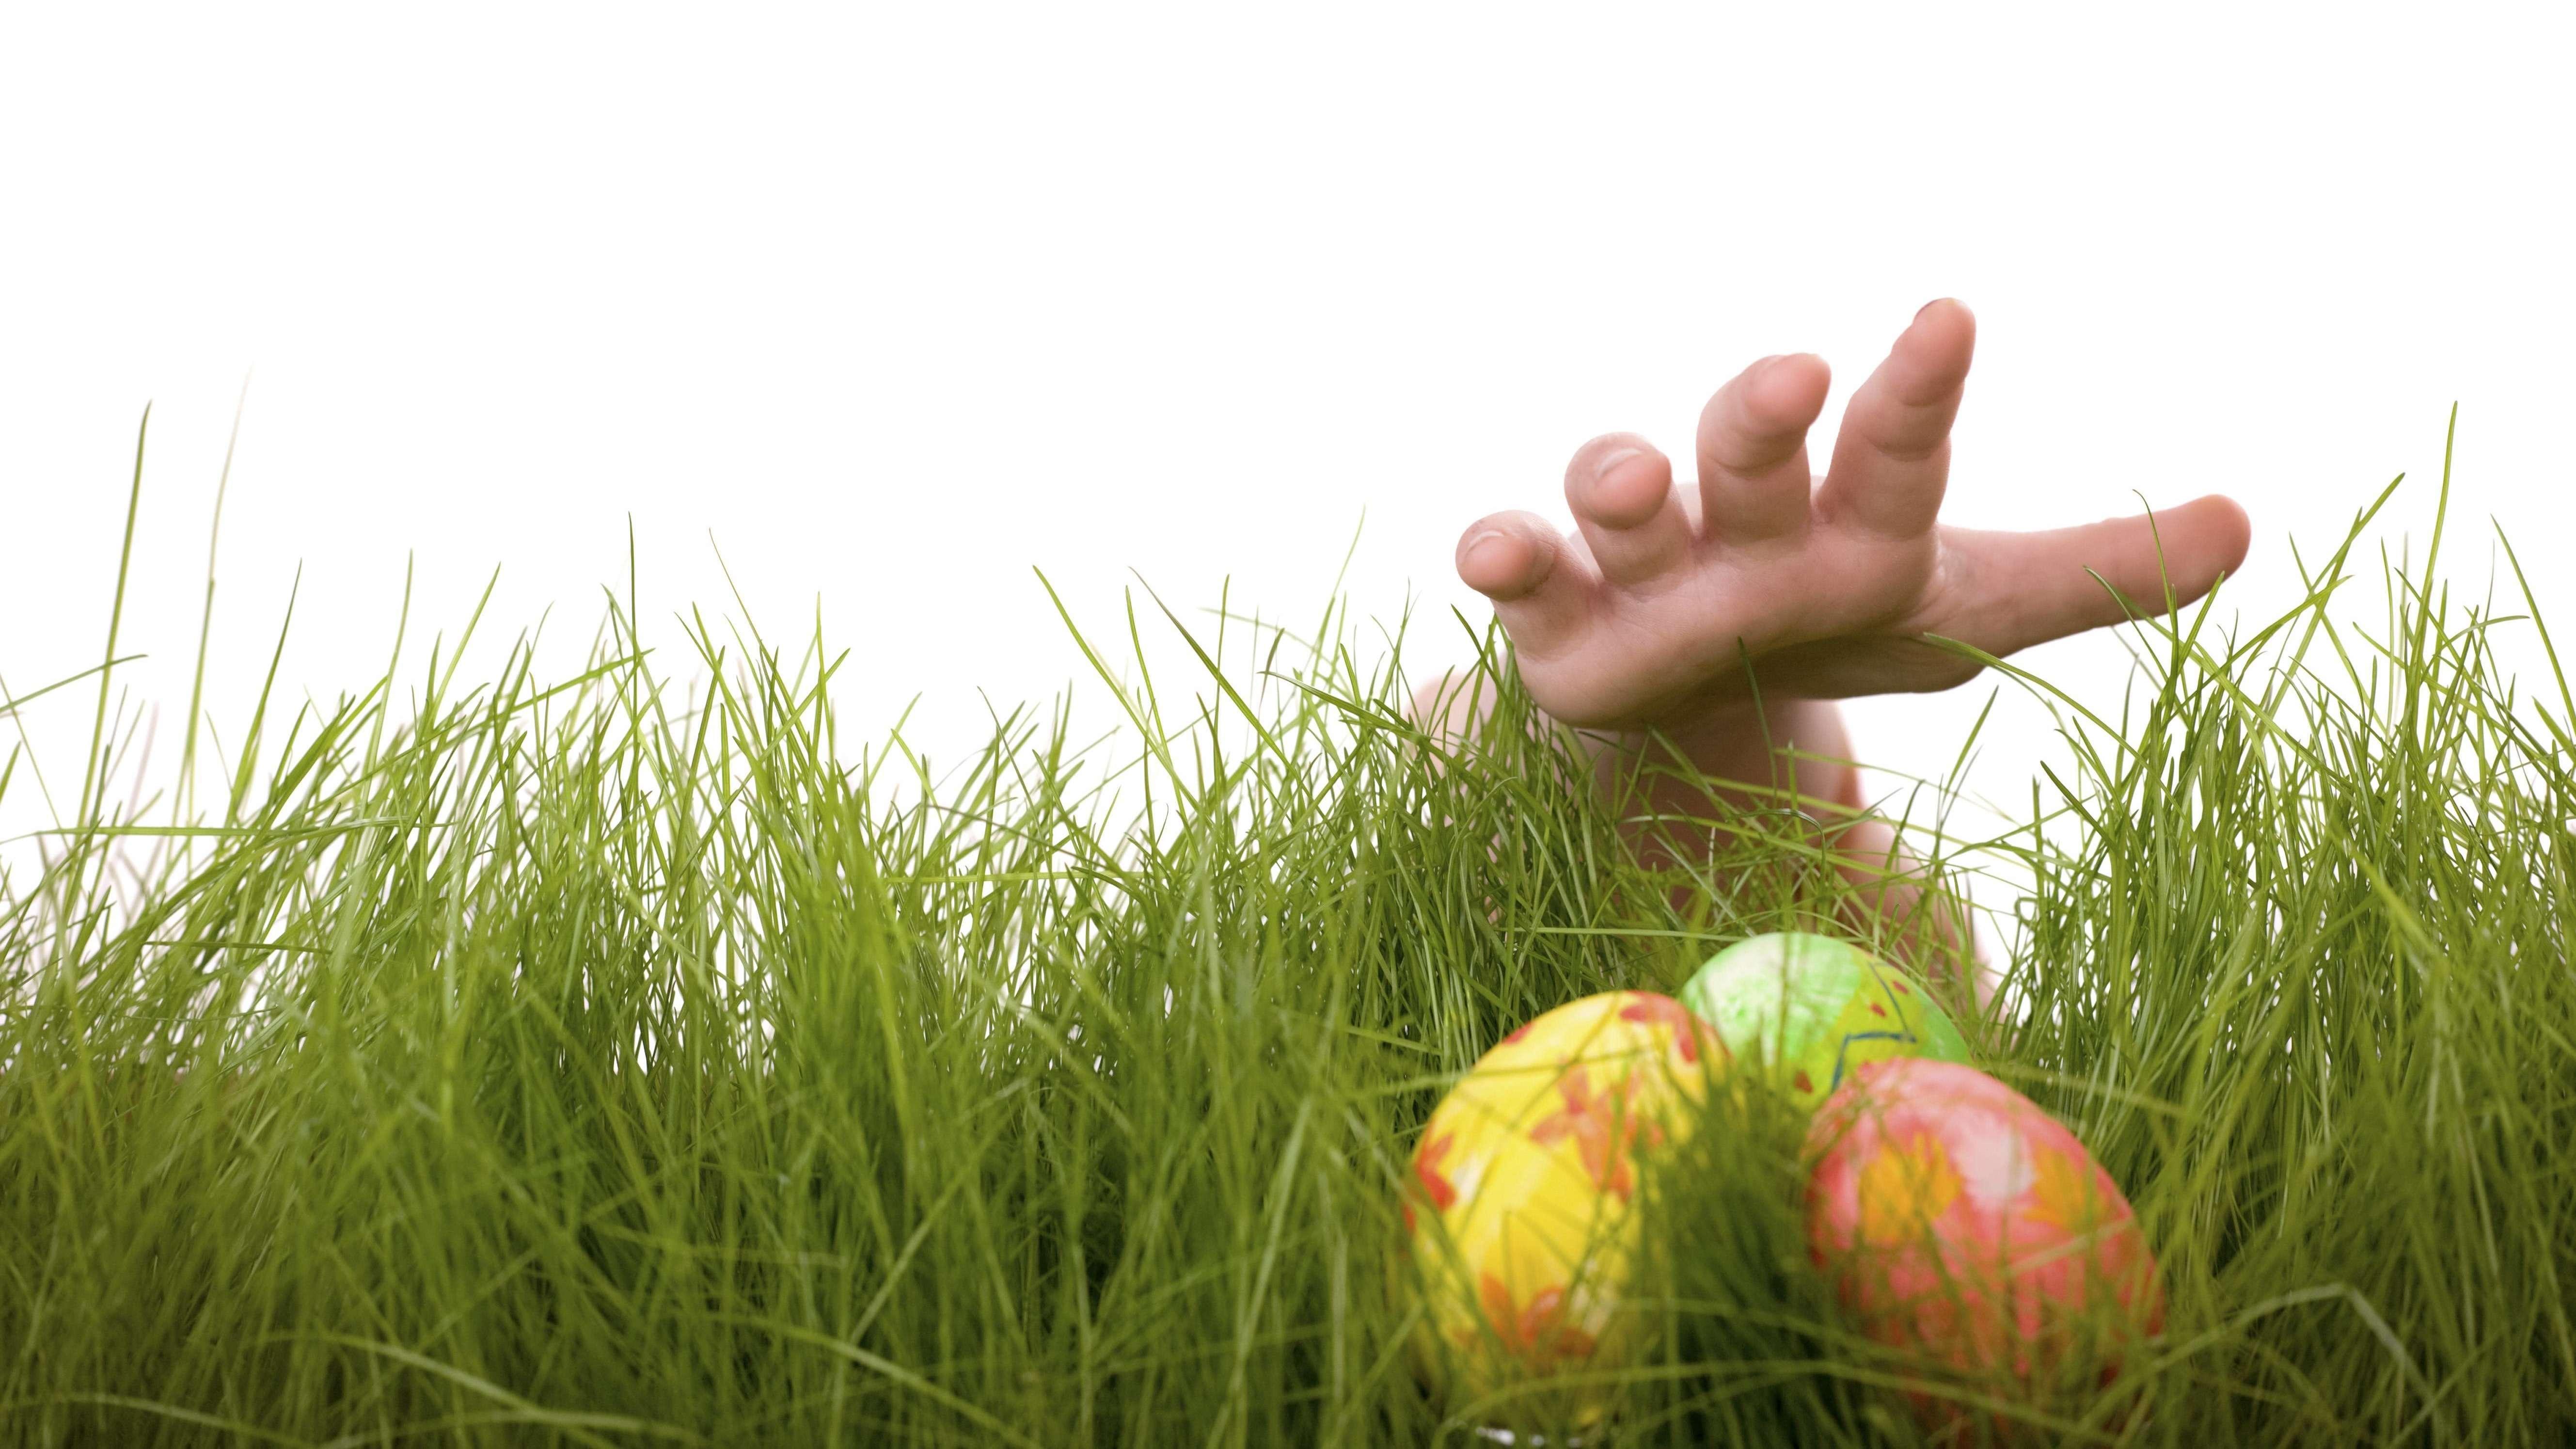 Eine Hand greift nach Ostereiern in einer Wiese (Symbolbild).